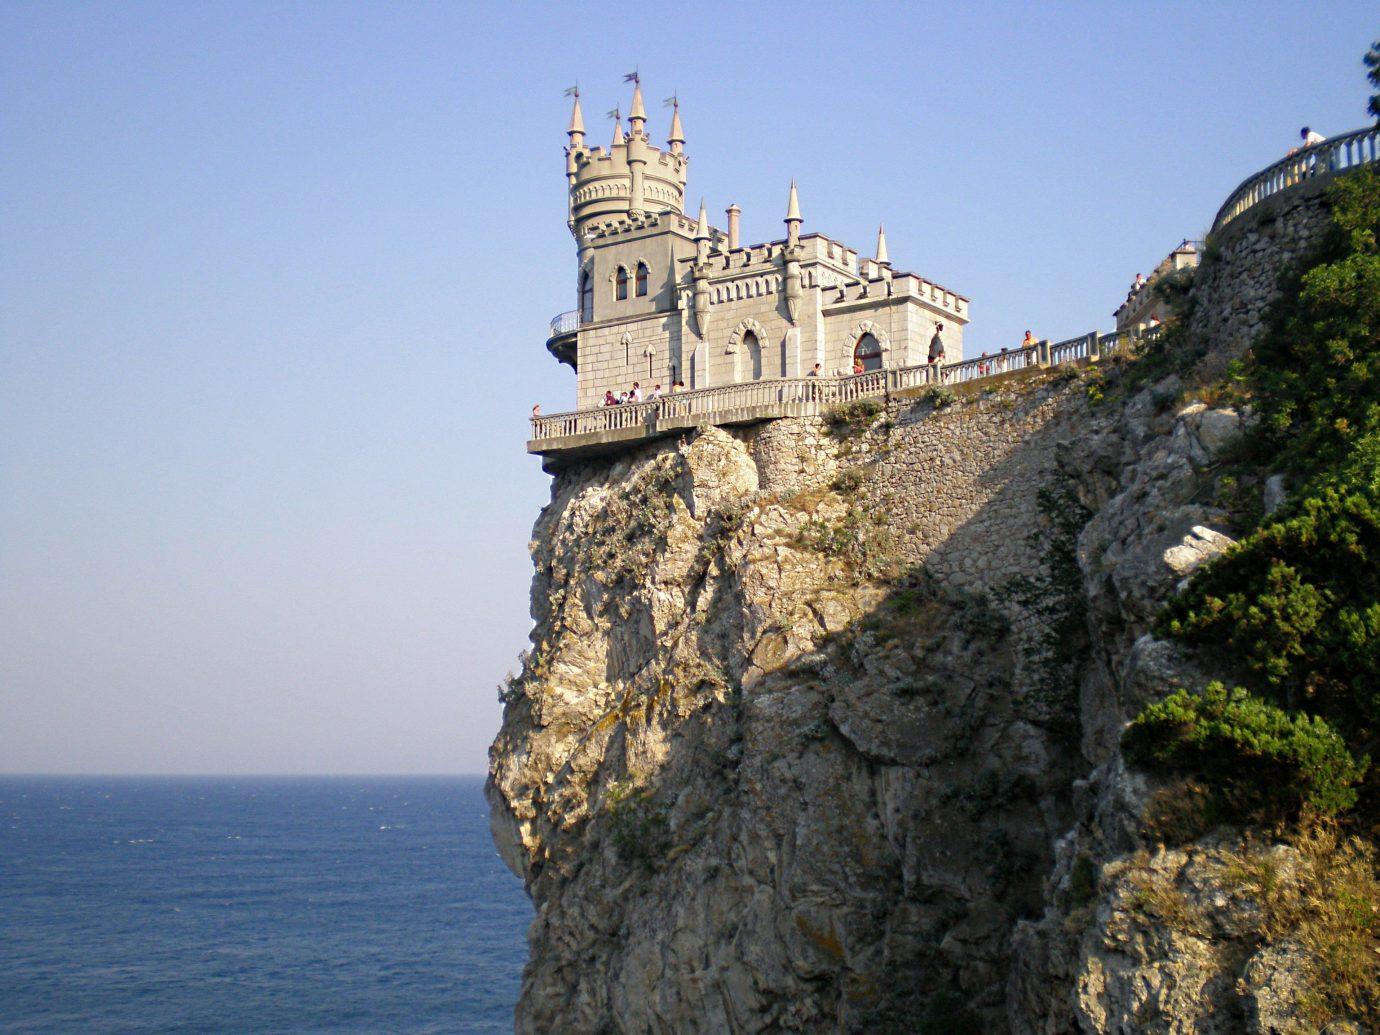 Offbeat outdoor sky water rock tower Sea landmark Coast cliff rocky castle terrain cape fortification stone hillside